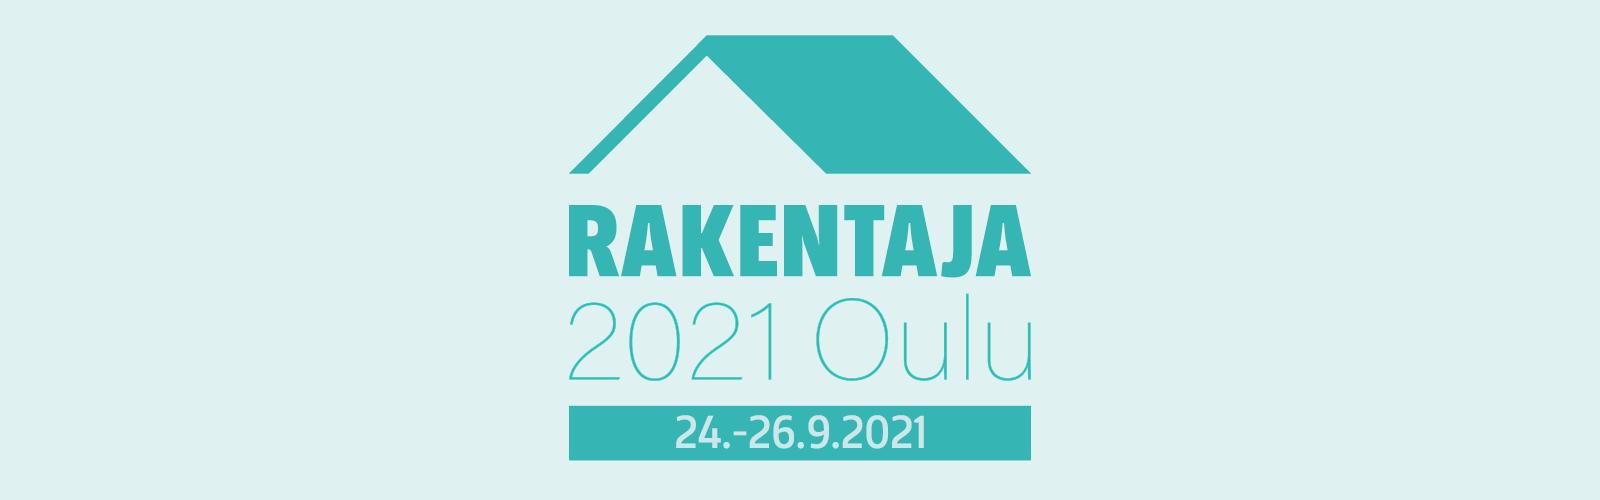 Rakentaja 2021 Oulu